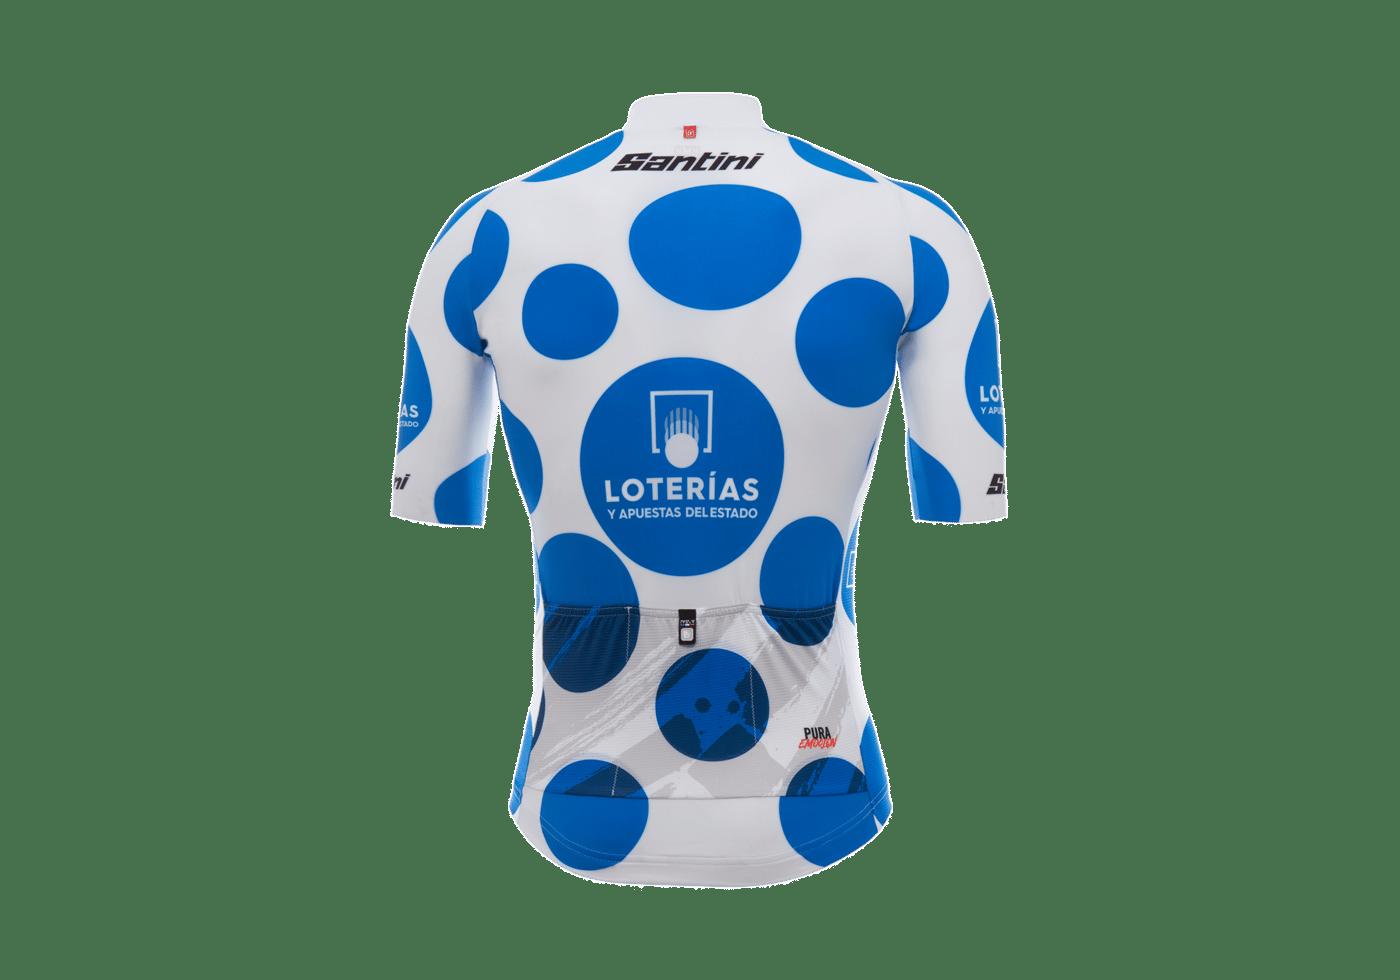 Maillot Montaña La Vuelta 2017 II